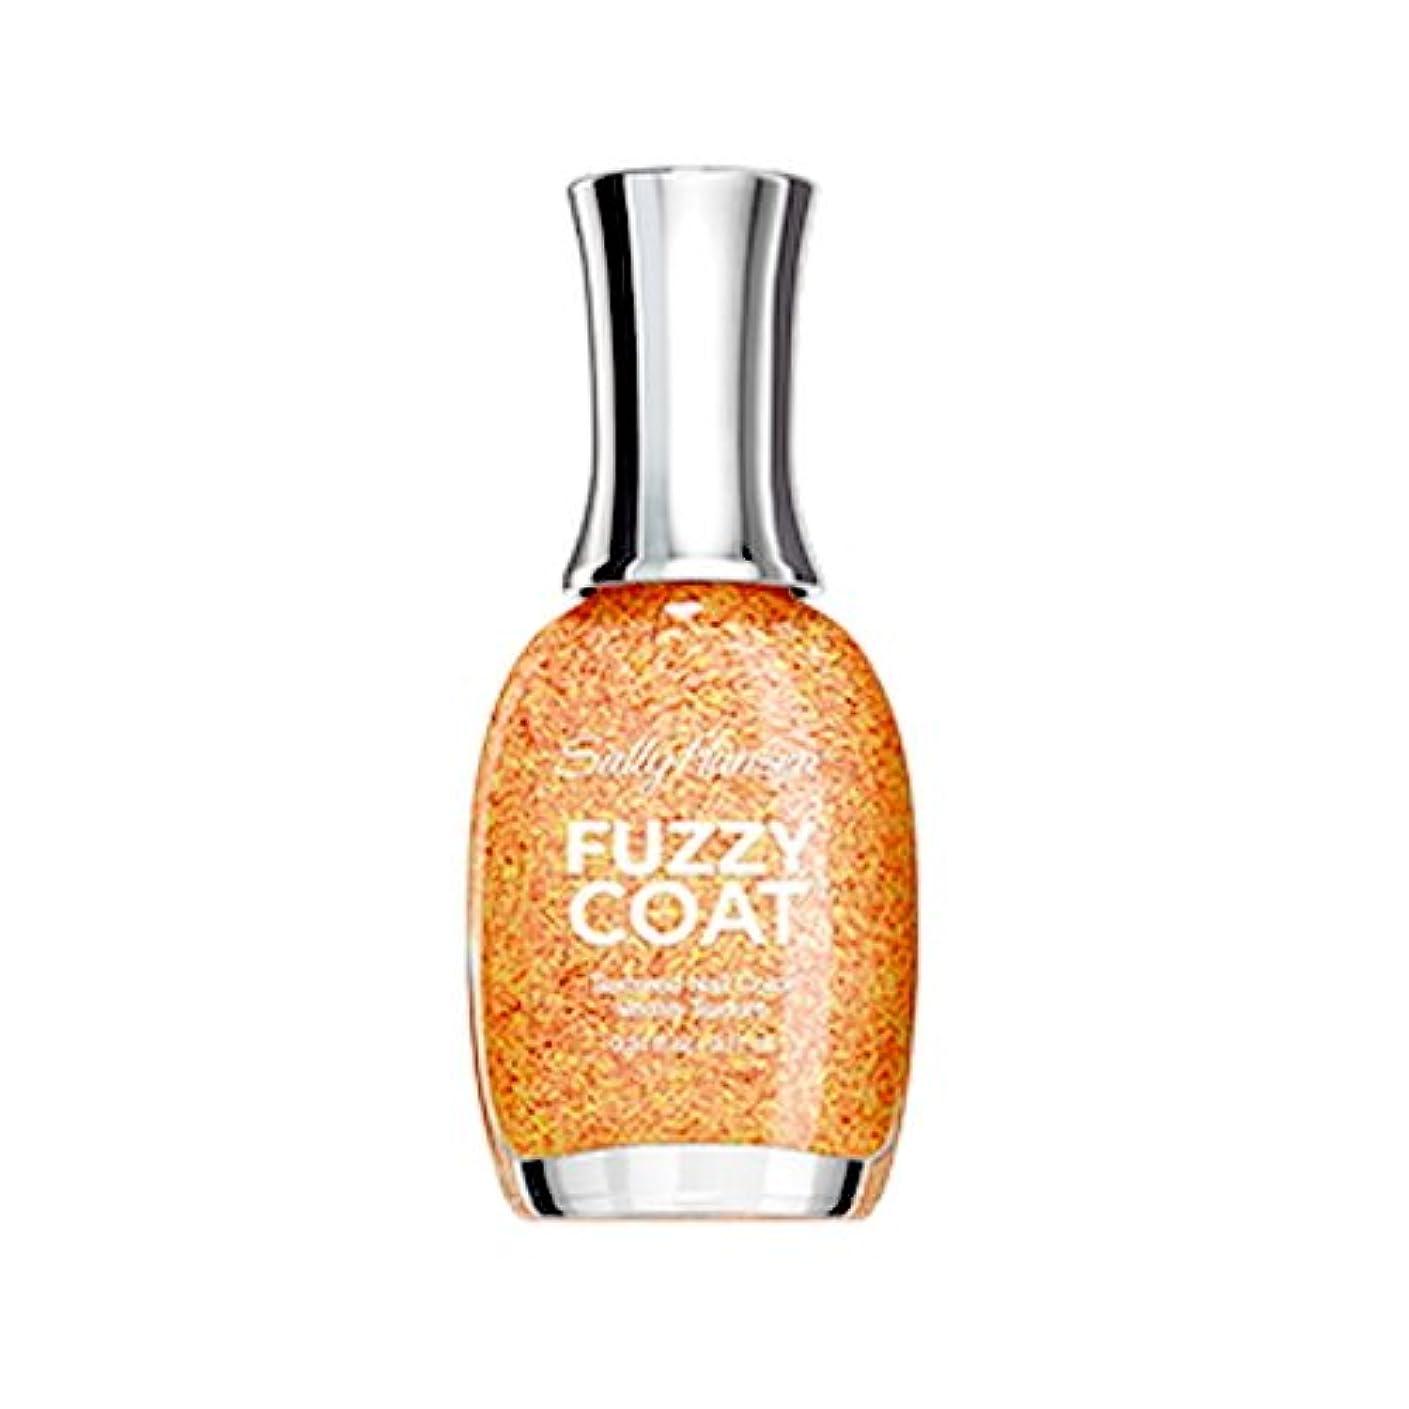 葡萄若いグラフ(6 Pack) SALLY HANSEN Fuzzy Coat Special Effect Textured Nail Color - Peach Fuzz (並行輸入品)